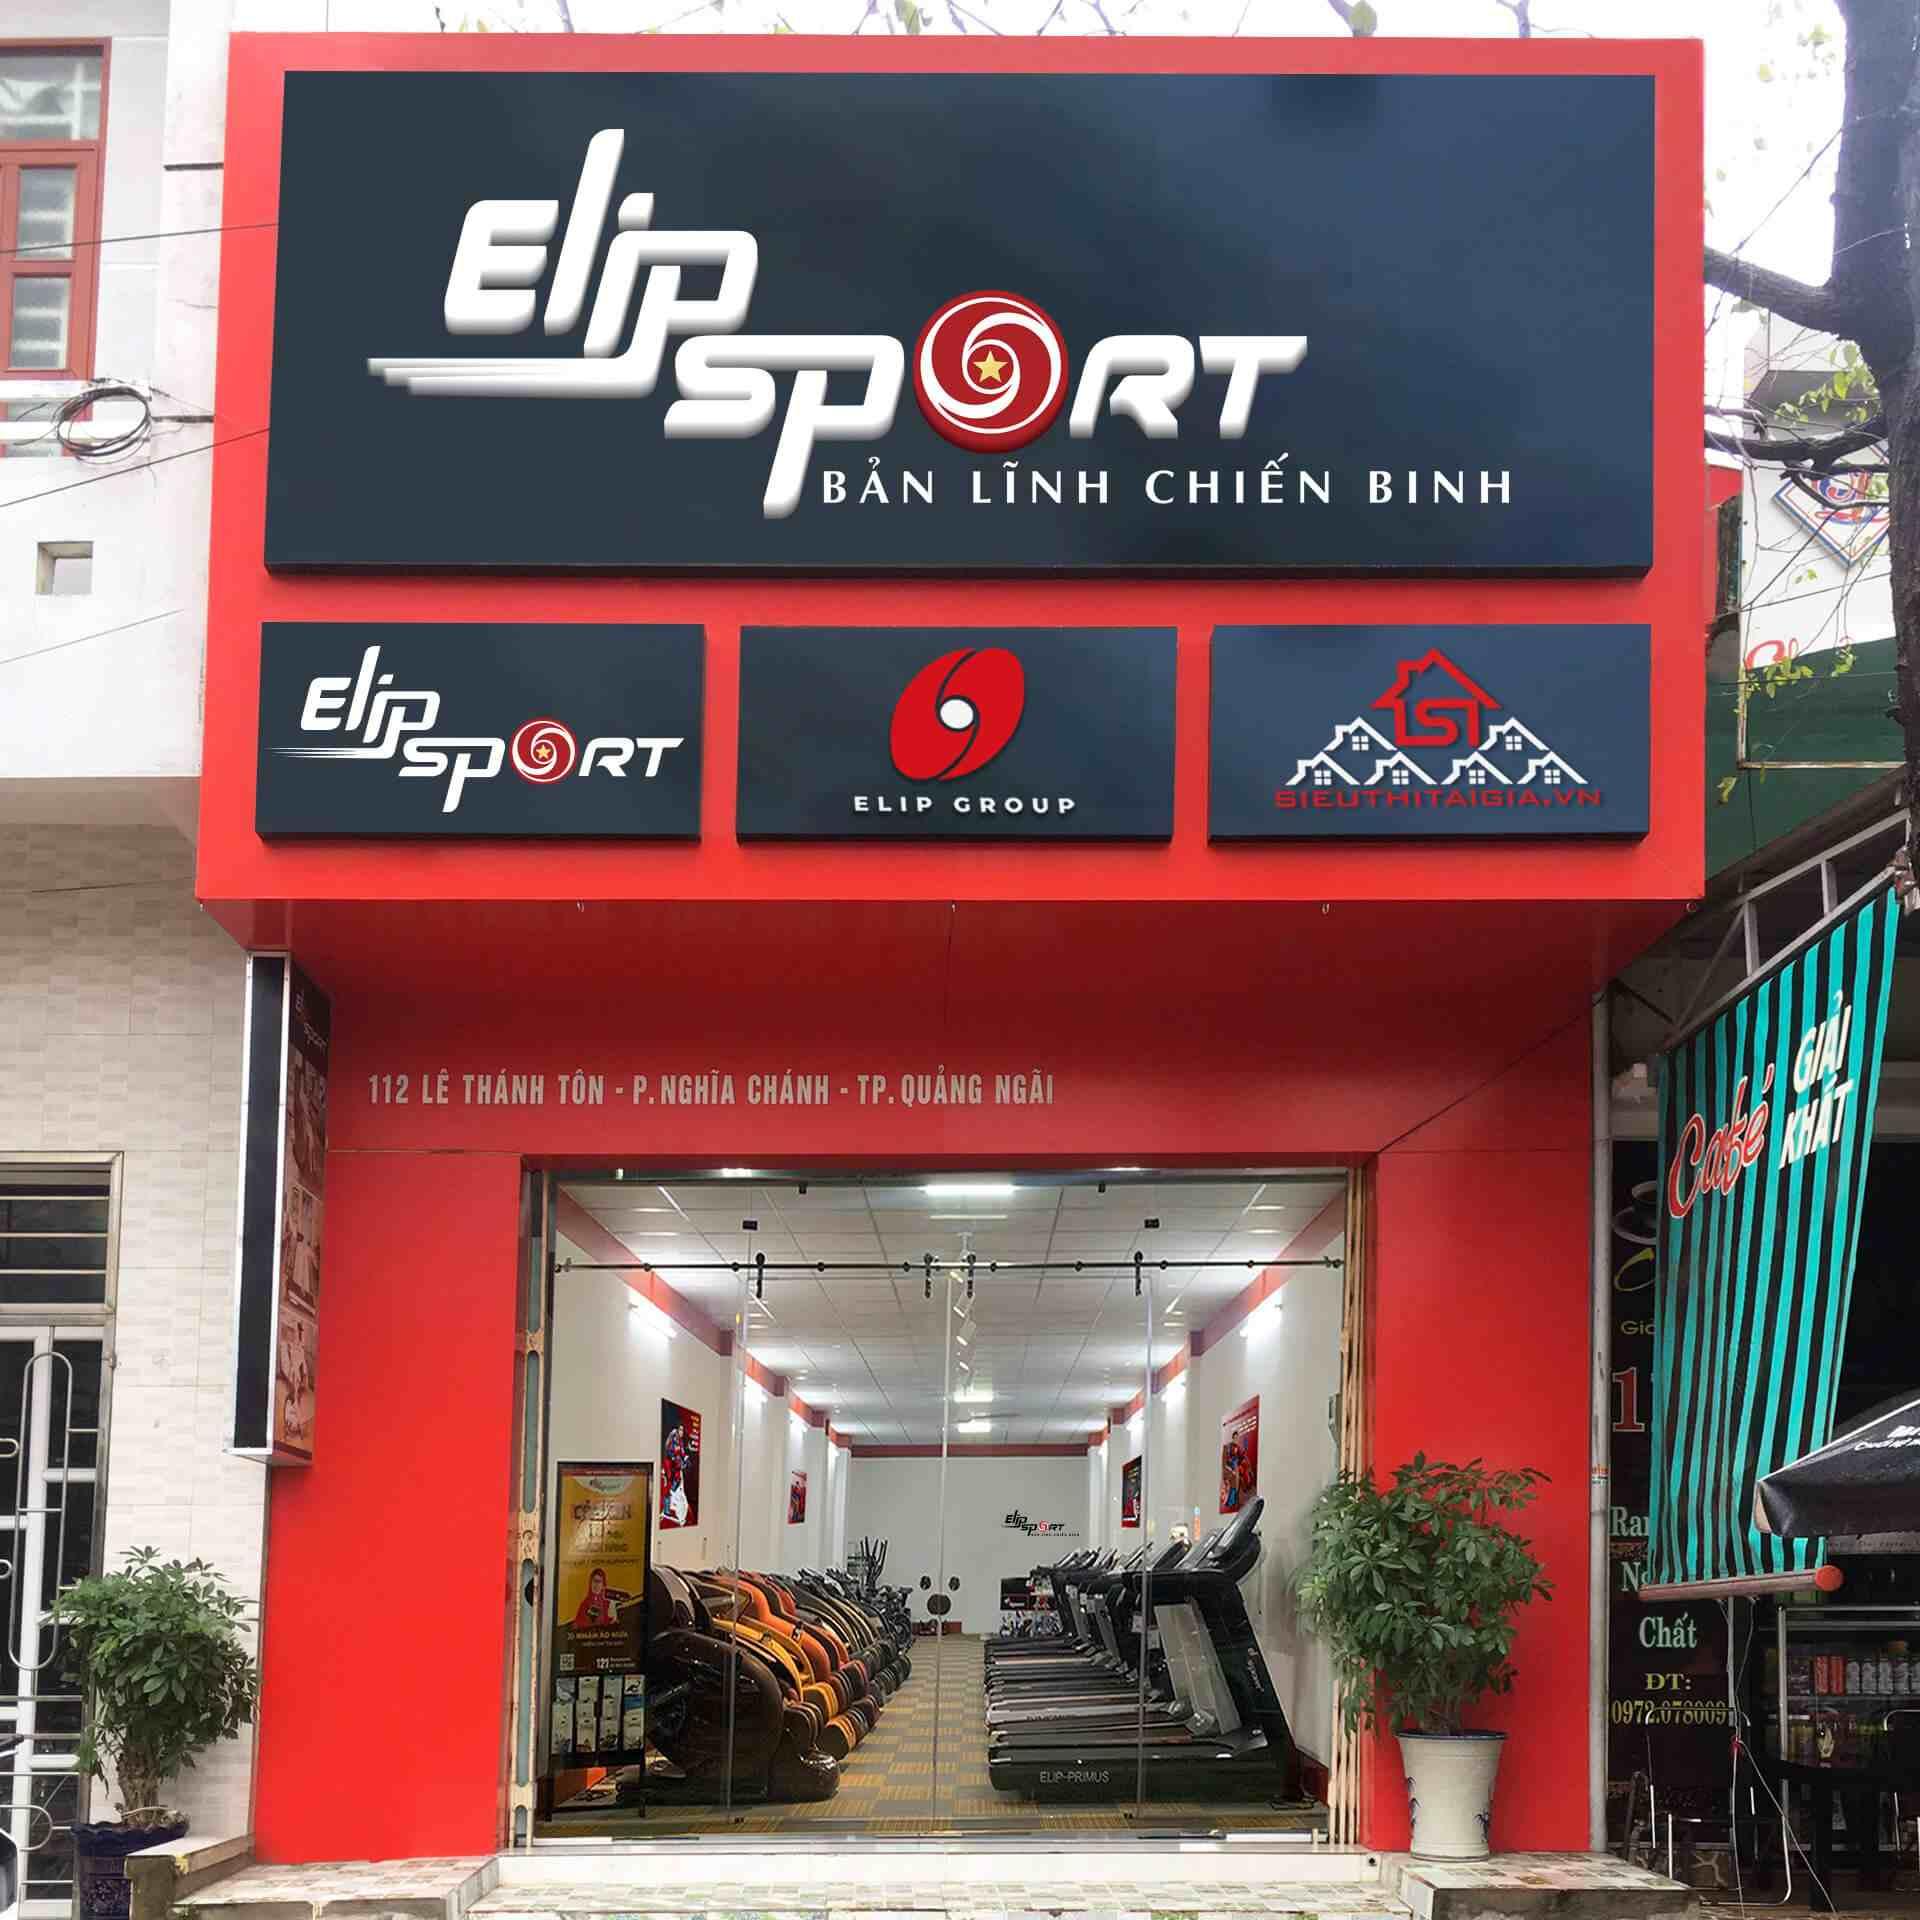 Chi nhánh Elipsport Quảng Ngãi